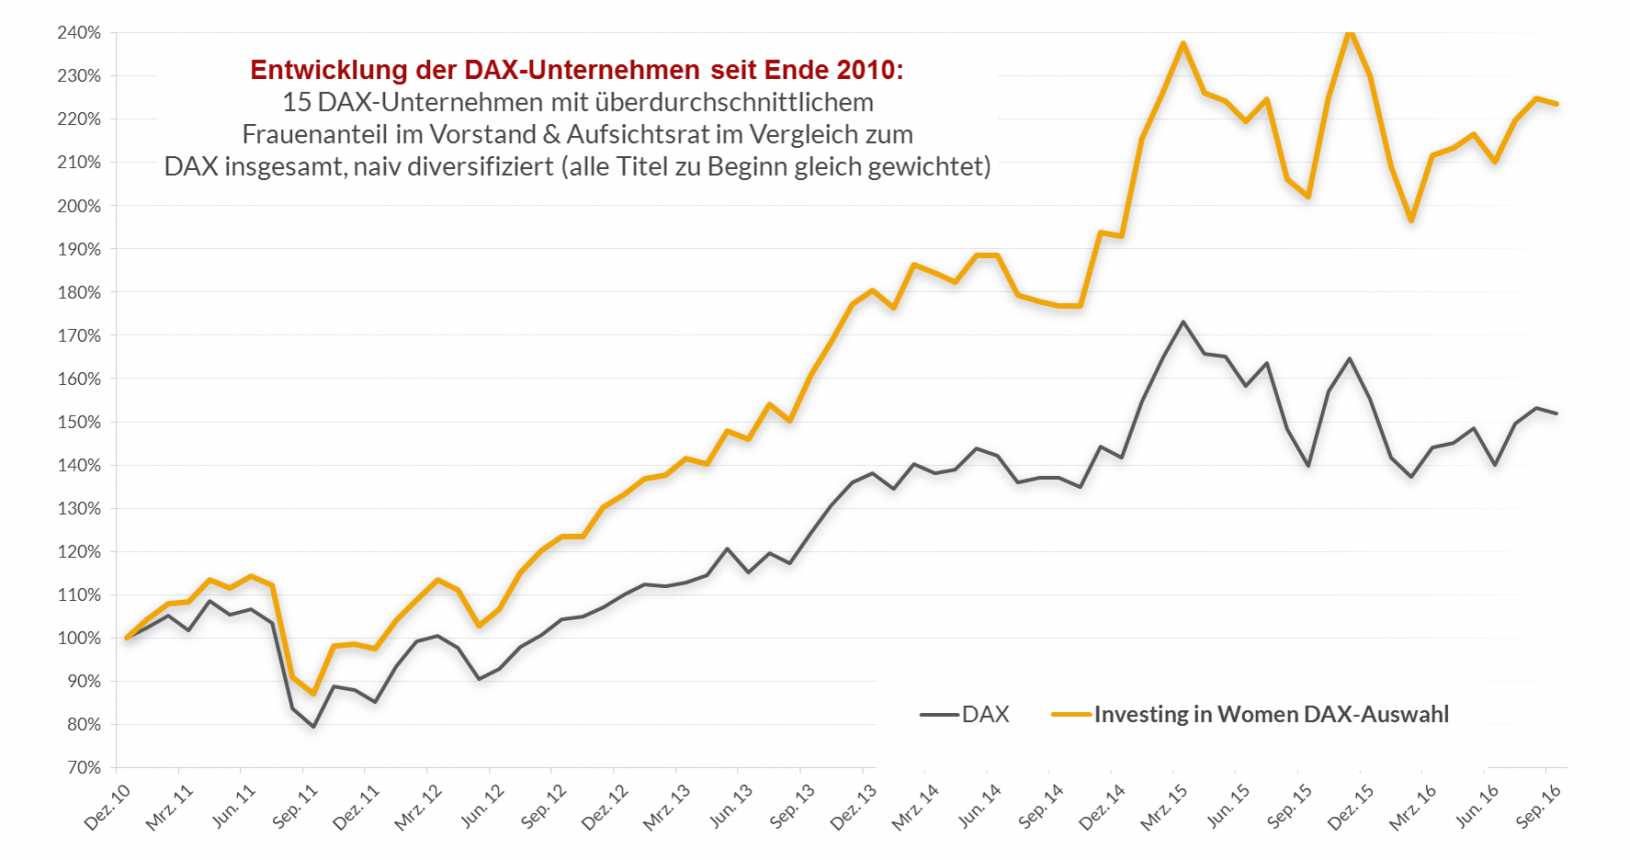 dax-portfolio-dt-9-16